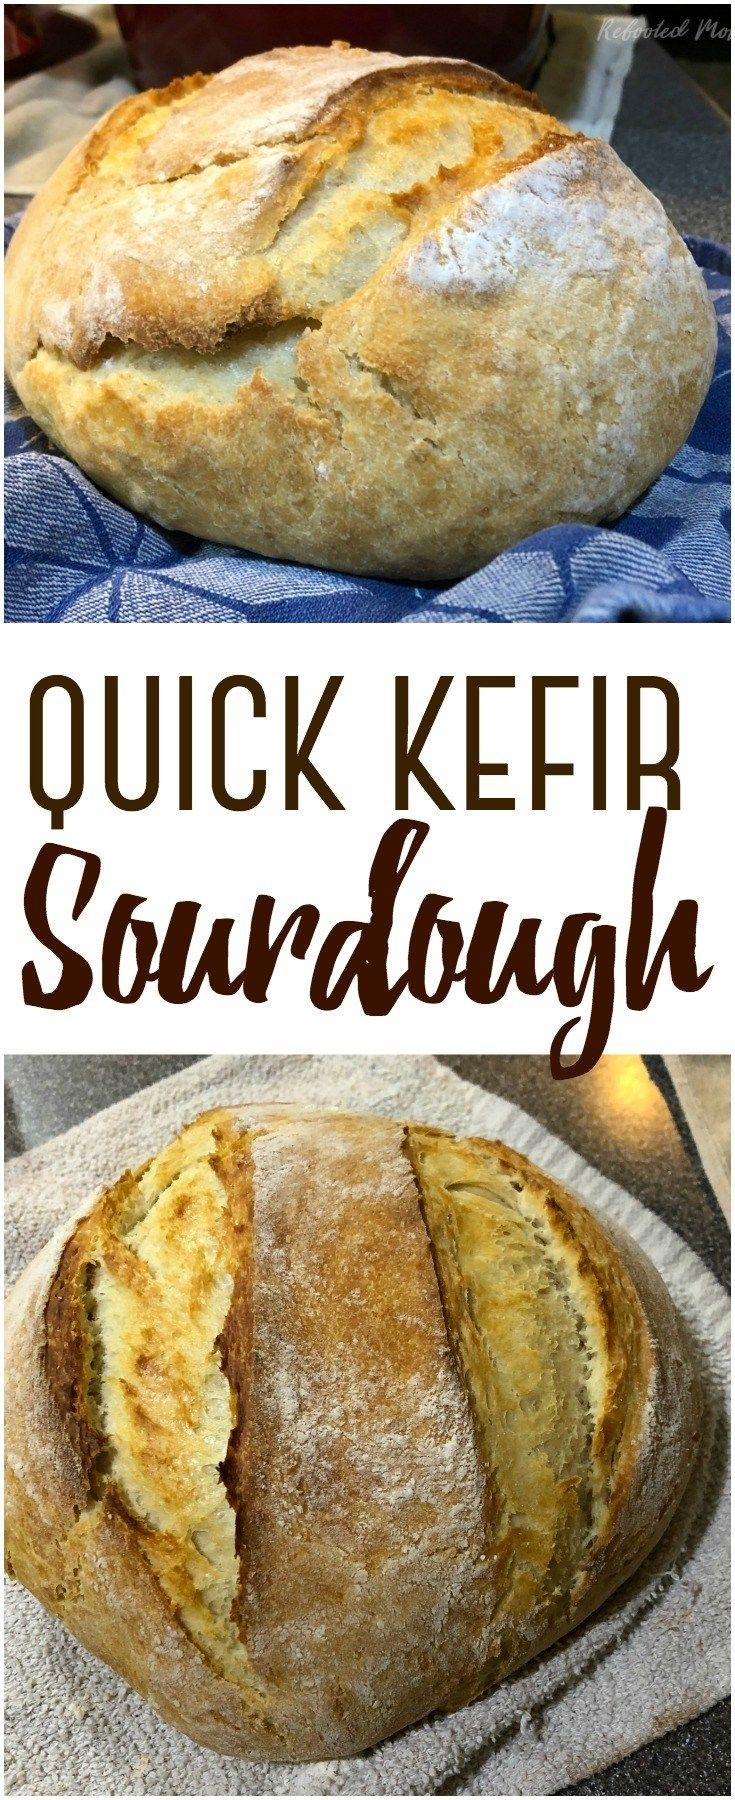 Make A Successful Quick Kefir Sourdough Bread Using Kefir Fermented Milk In Lieu Of A Sourdough Starter It Bakes Up Beautifully Kefir Recipes